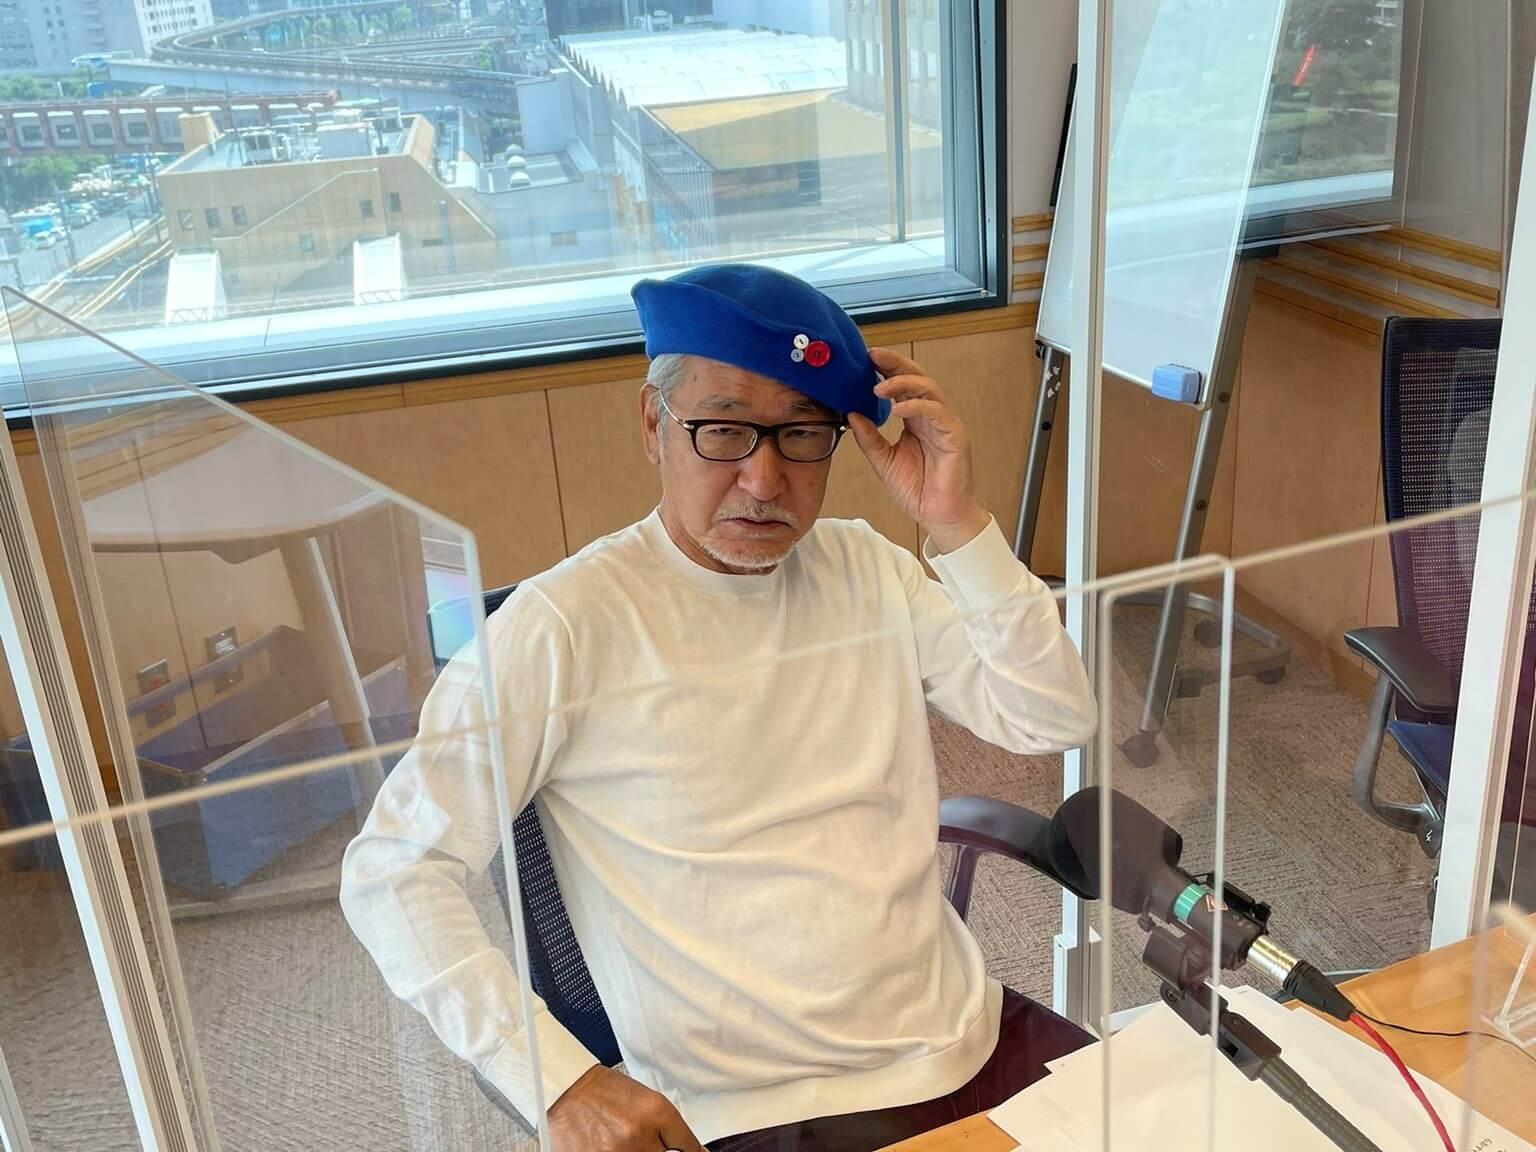 6/7(月)月曜メンバーで一番ベレー帽が似合うのは森永さん?